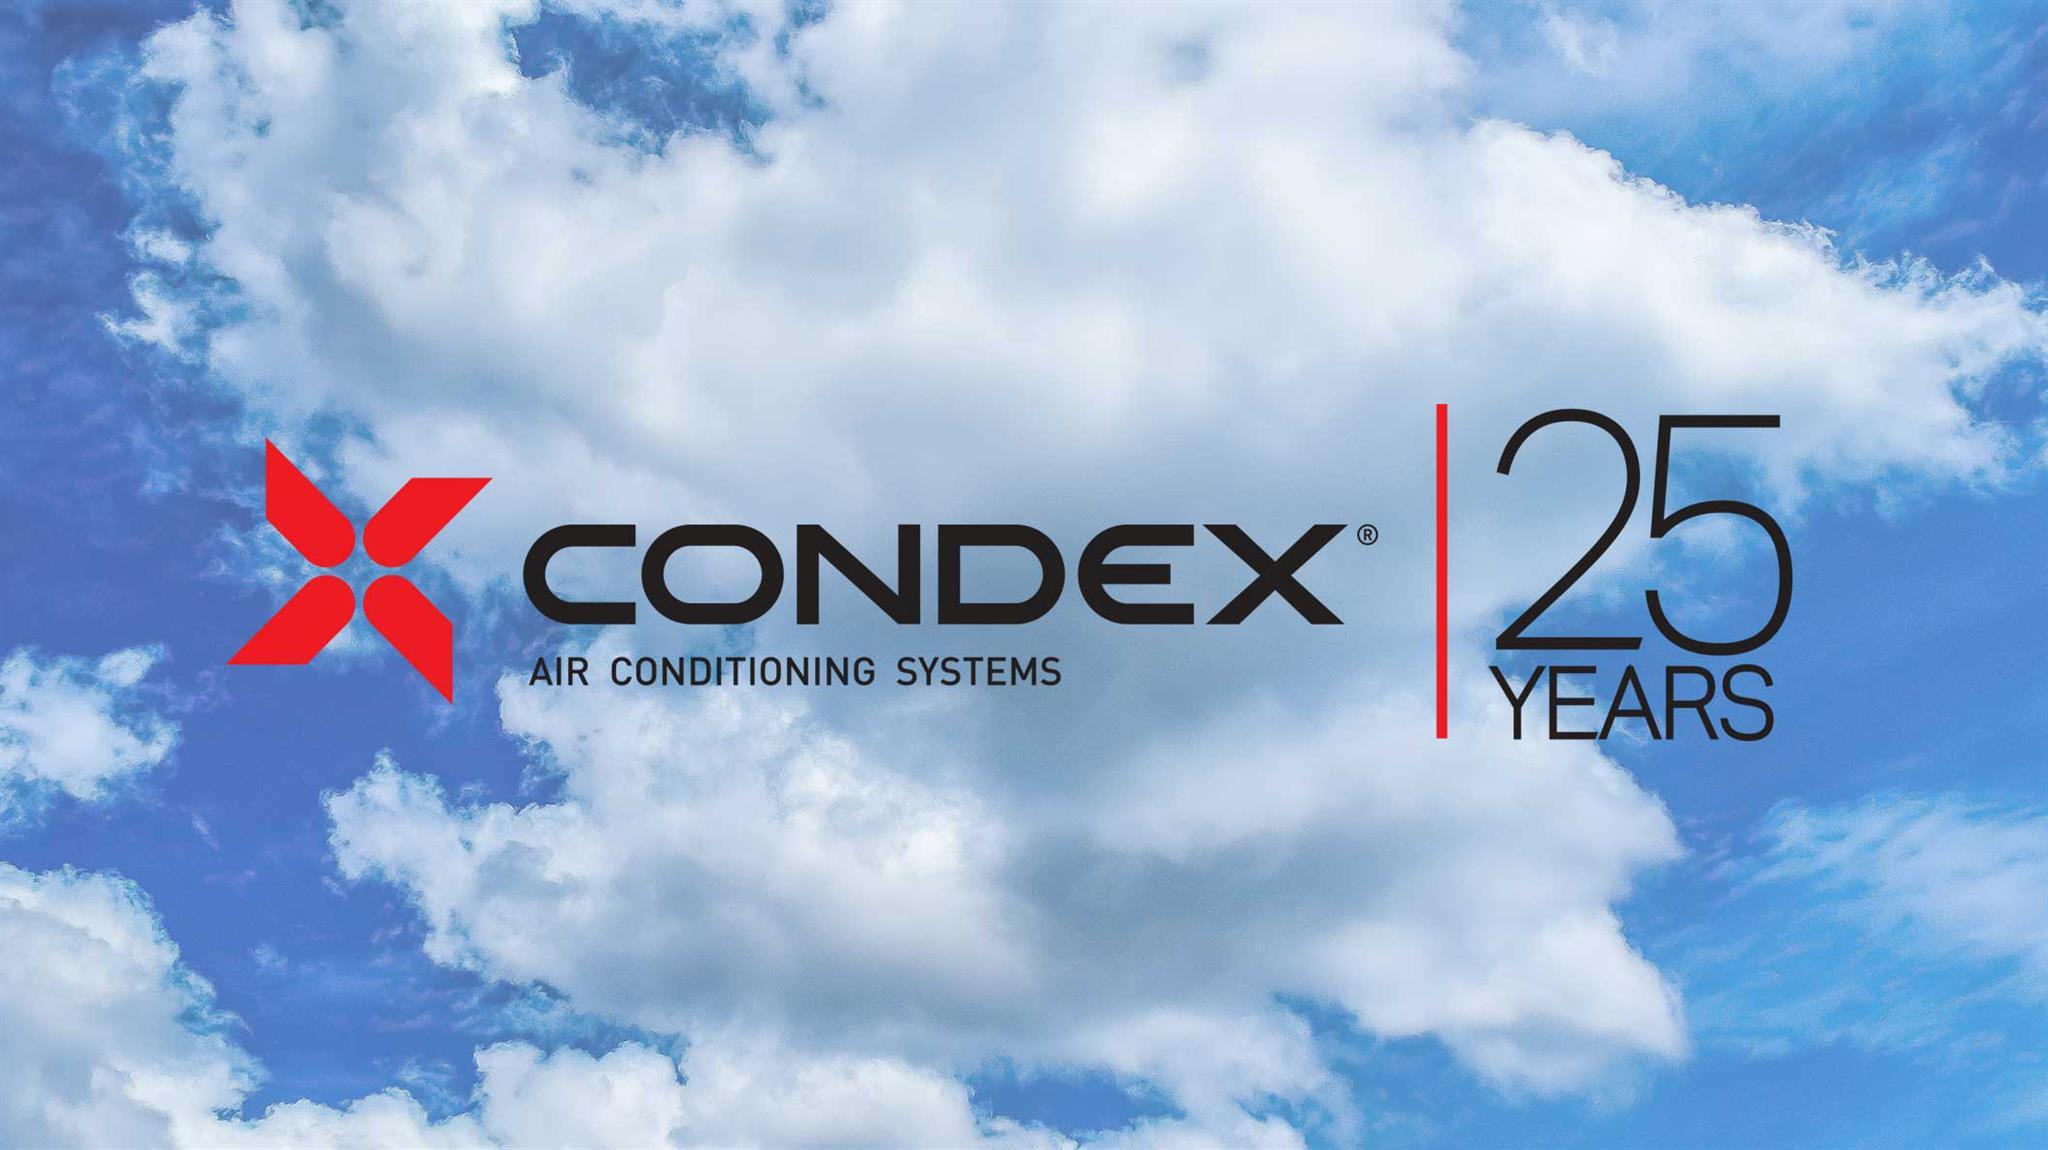 кондекс, кондекс еоод, 25 години, кондекс рожден ден, condex, condex ltd, mitsubishi heavy industries, климатици